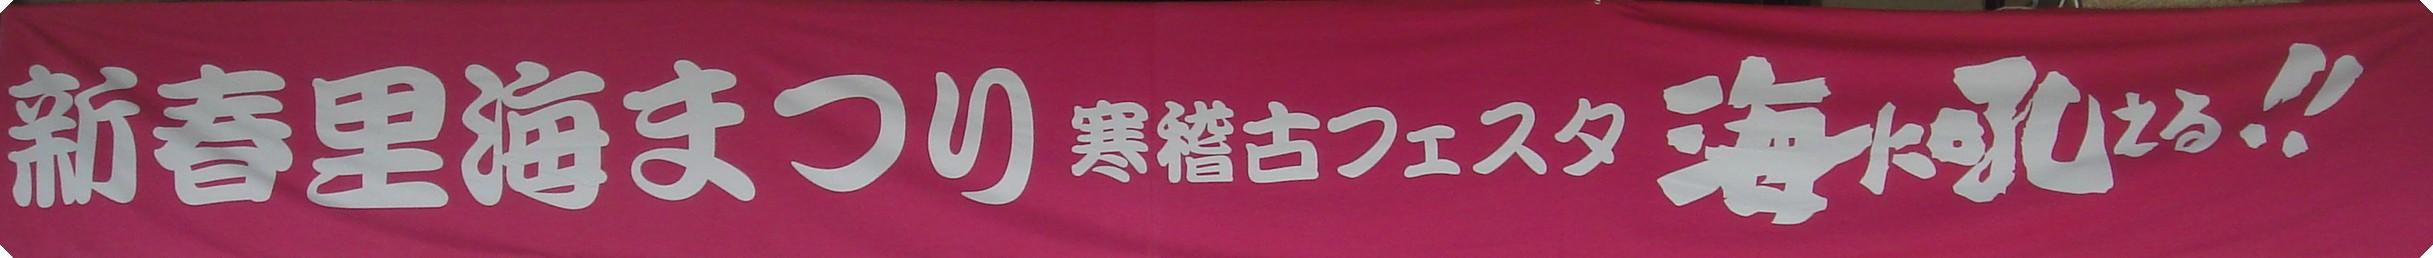 2009新春里海まつり_c0108460_17154655.jpg